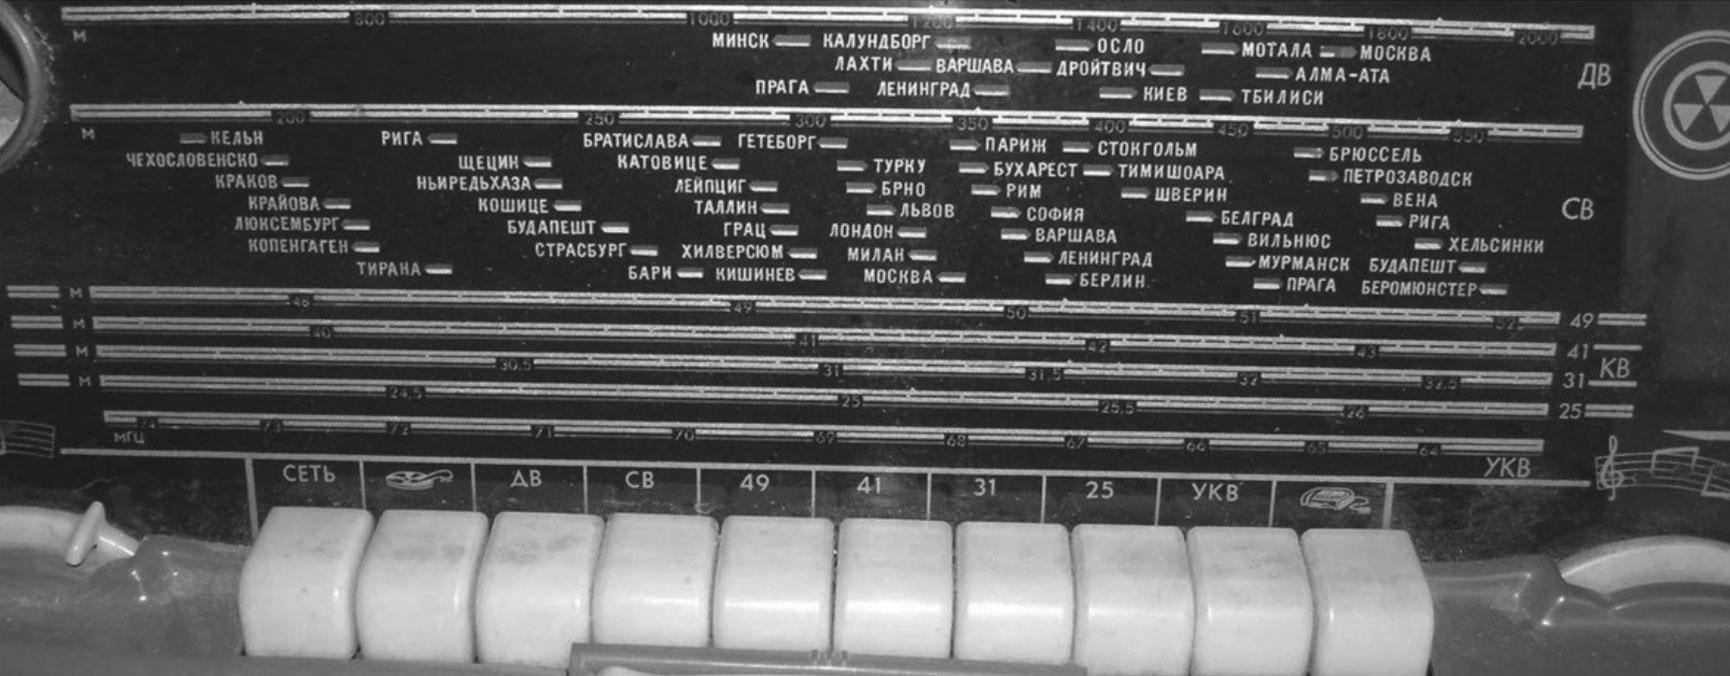 Шкала радиолы «Фестиваль» (Рижский радиозавод, начало выпуска — 1959 г.)